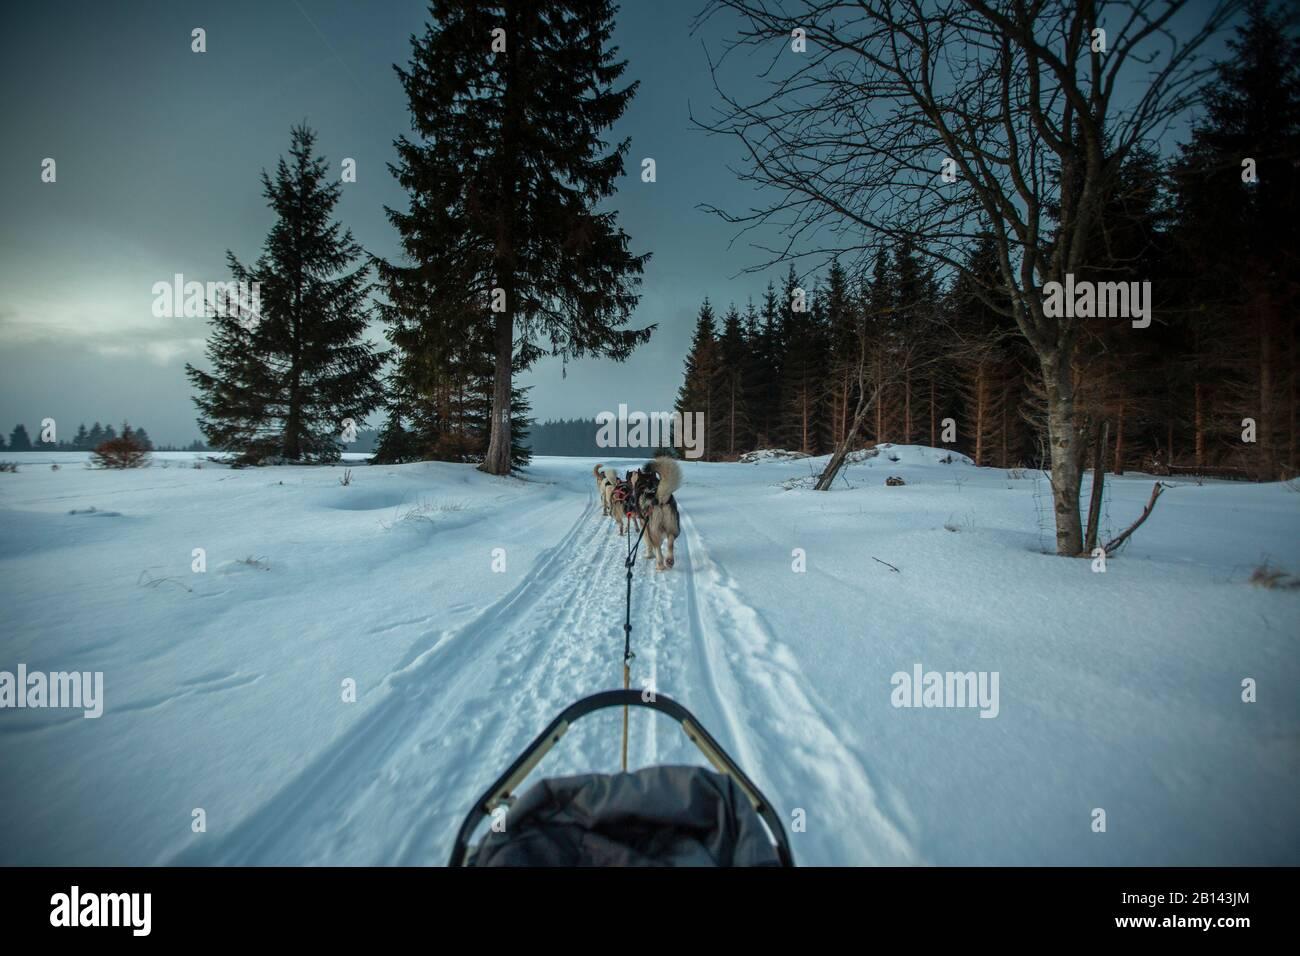 Chien de Traîneau Husky tour, forêt de Thuringe, Allemagne Banque D'Images